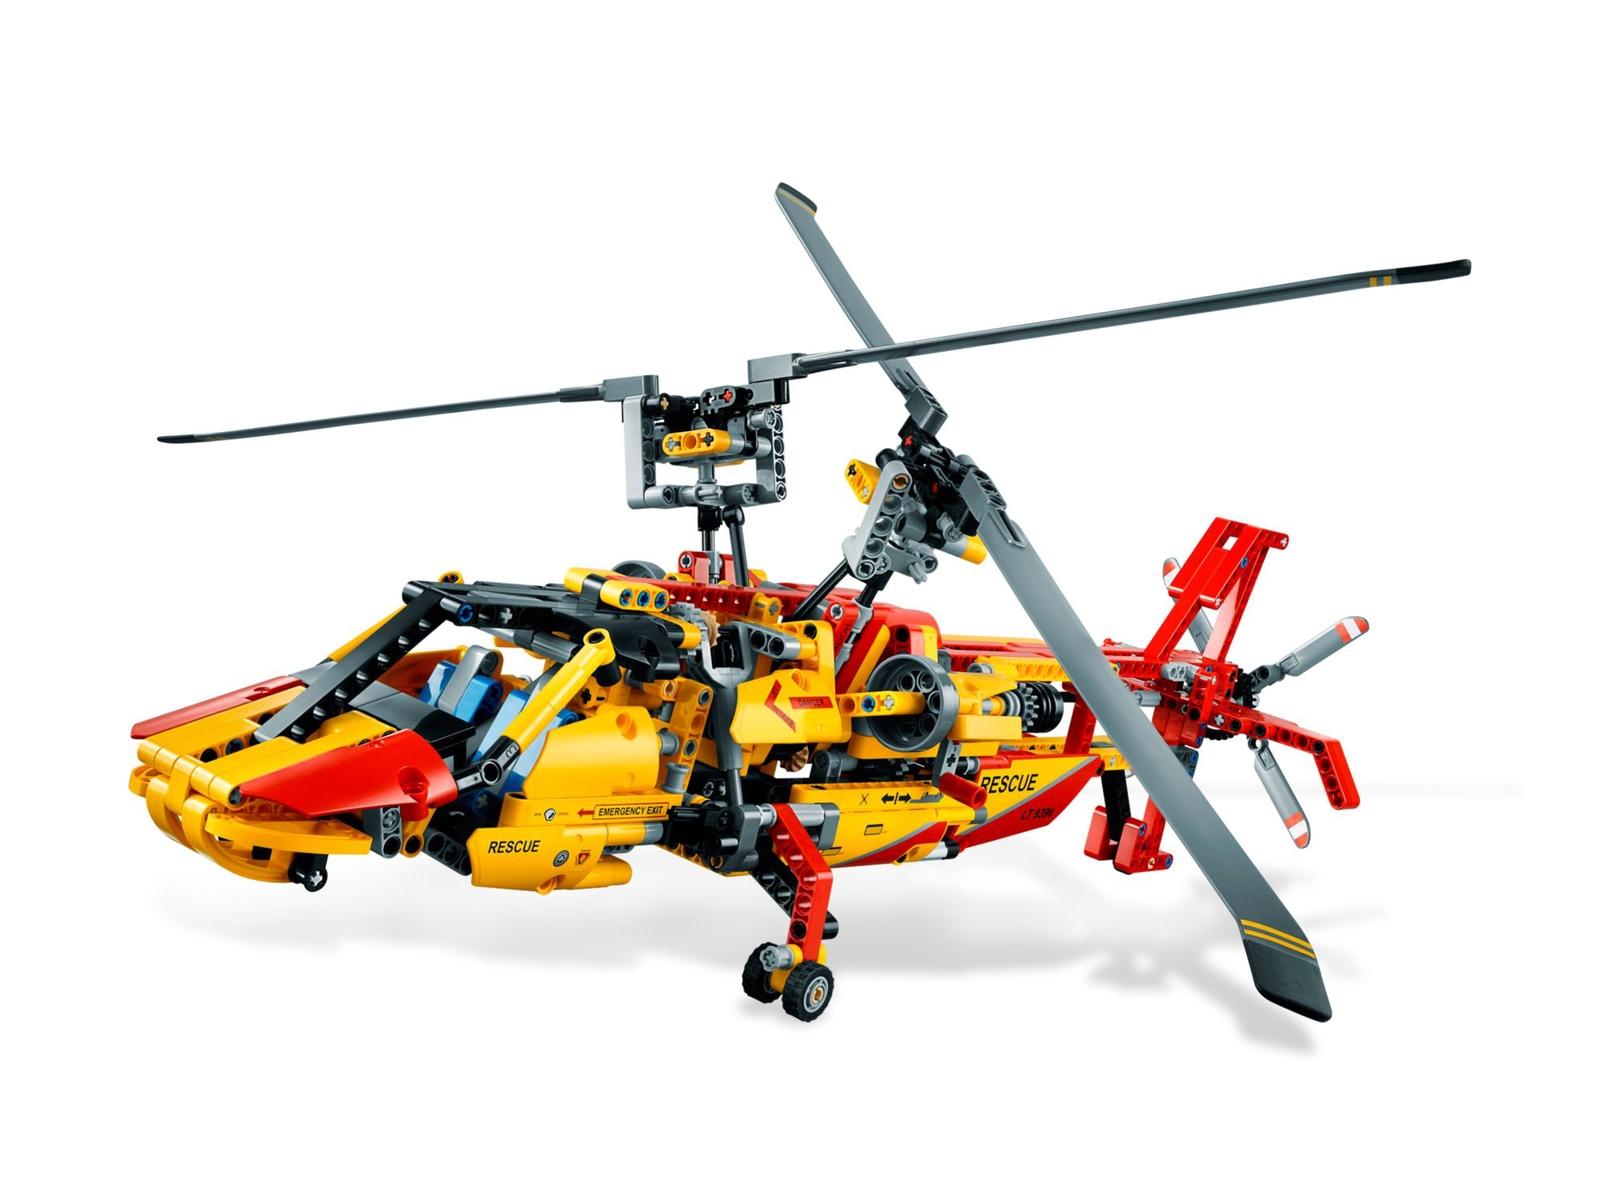 Фото - Пластиковый конструктор LEGO 9396 lego technic 42076 конструктор лего техник корабль на воздушной подушке